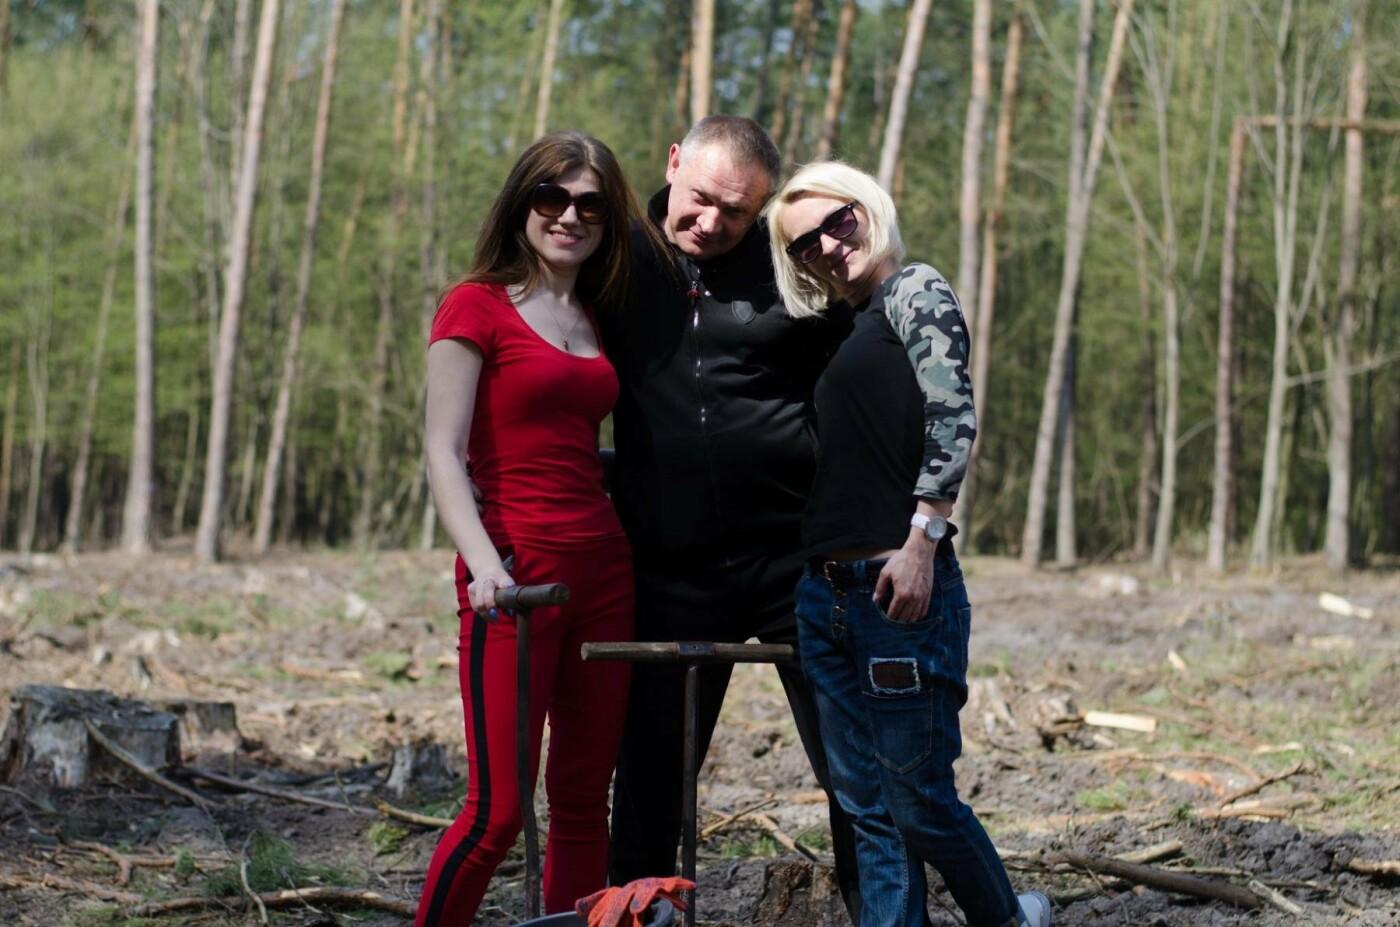 Степан Барна: Дуже важливо, щоб ми приклали всіх зусиль, щоб відновити лісовий фонд Тернопільської області (фото, відео), фото-1